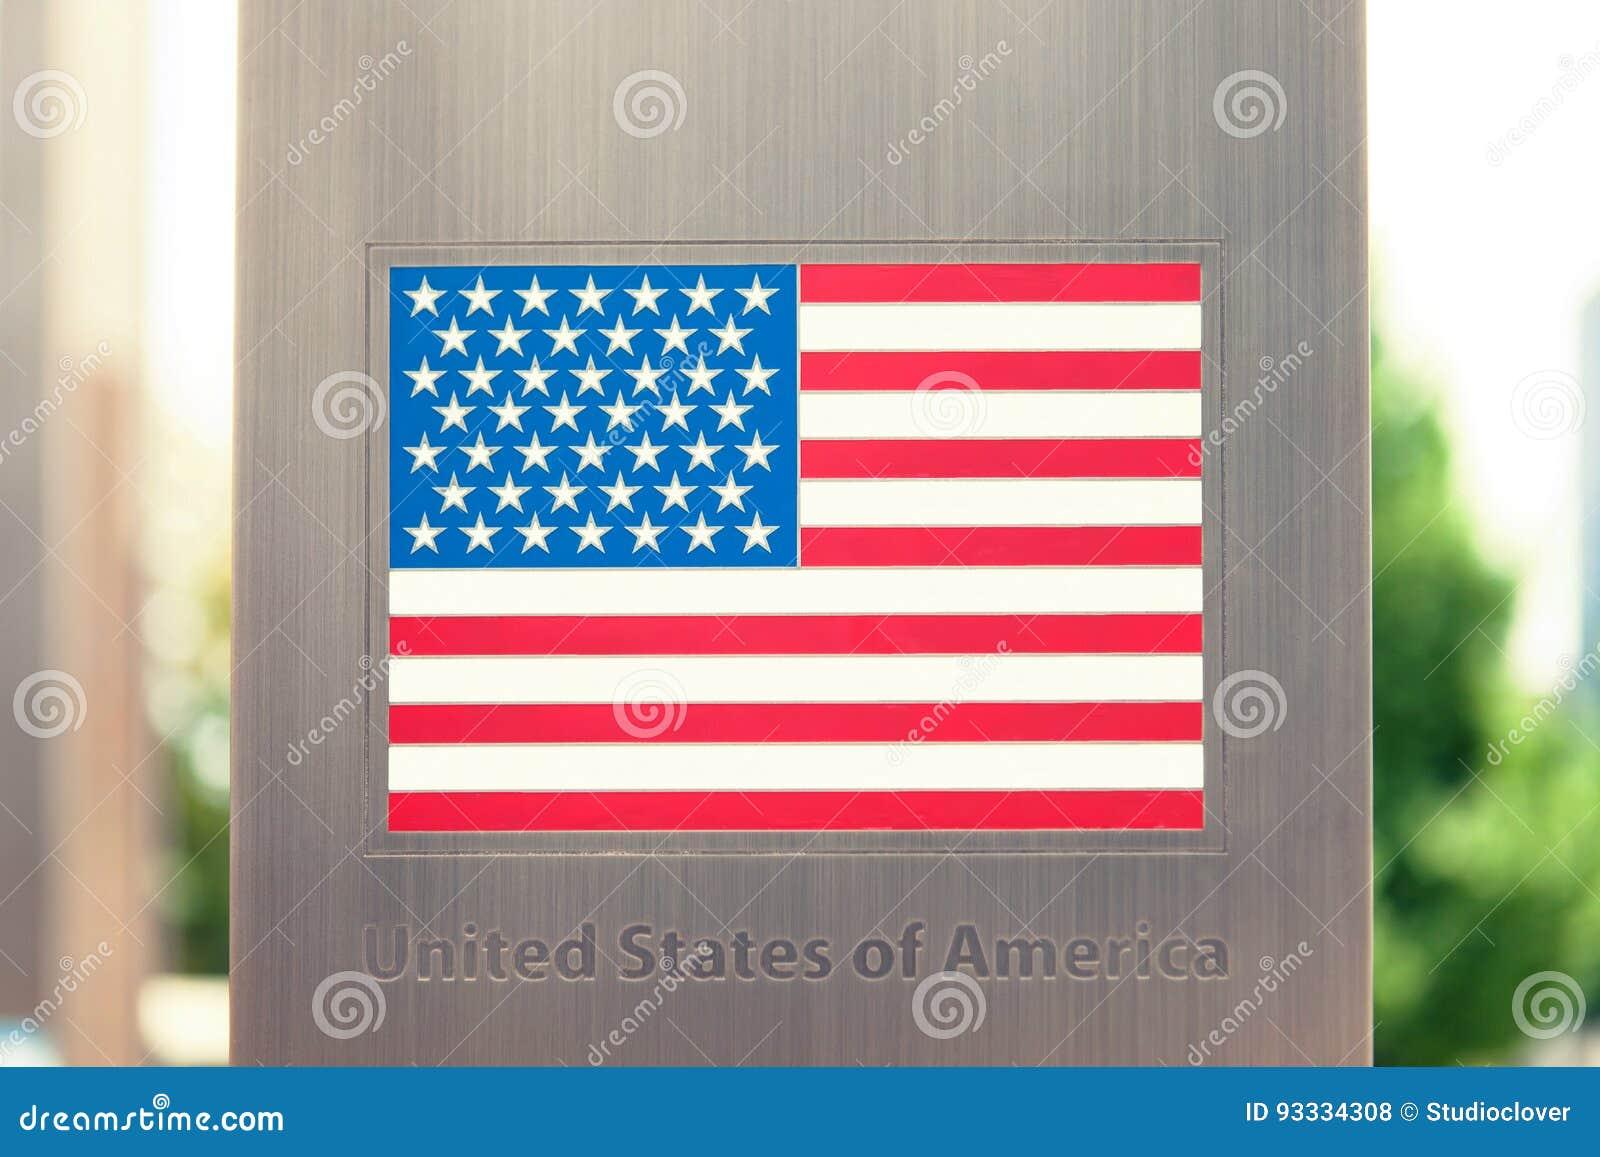 Serie di bandiere nazionali sul palo - Stati Uniti d America Immagine filtrata: effetto d annata elaborato incrocio